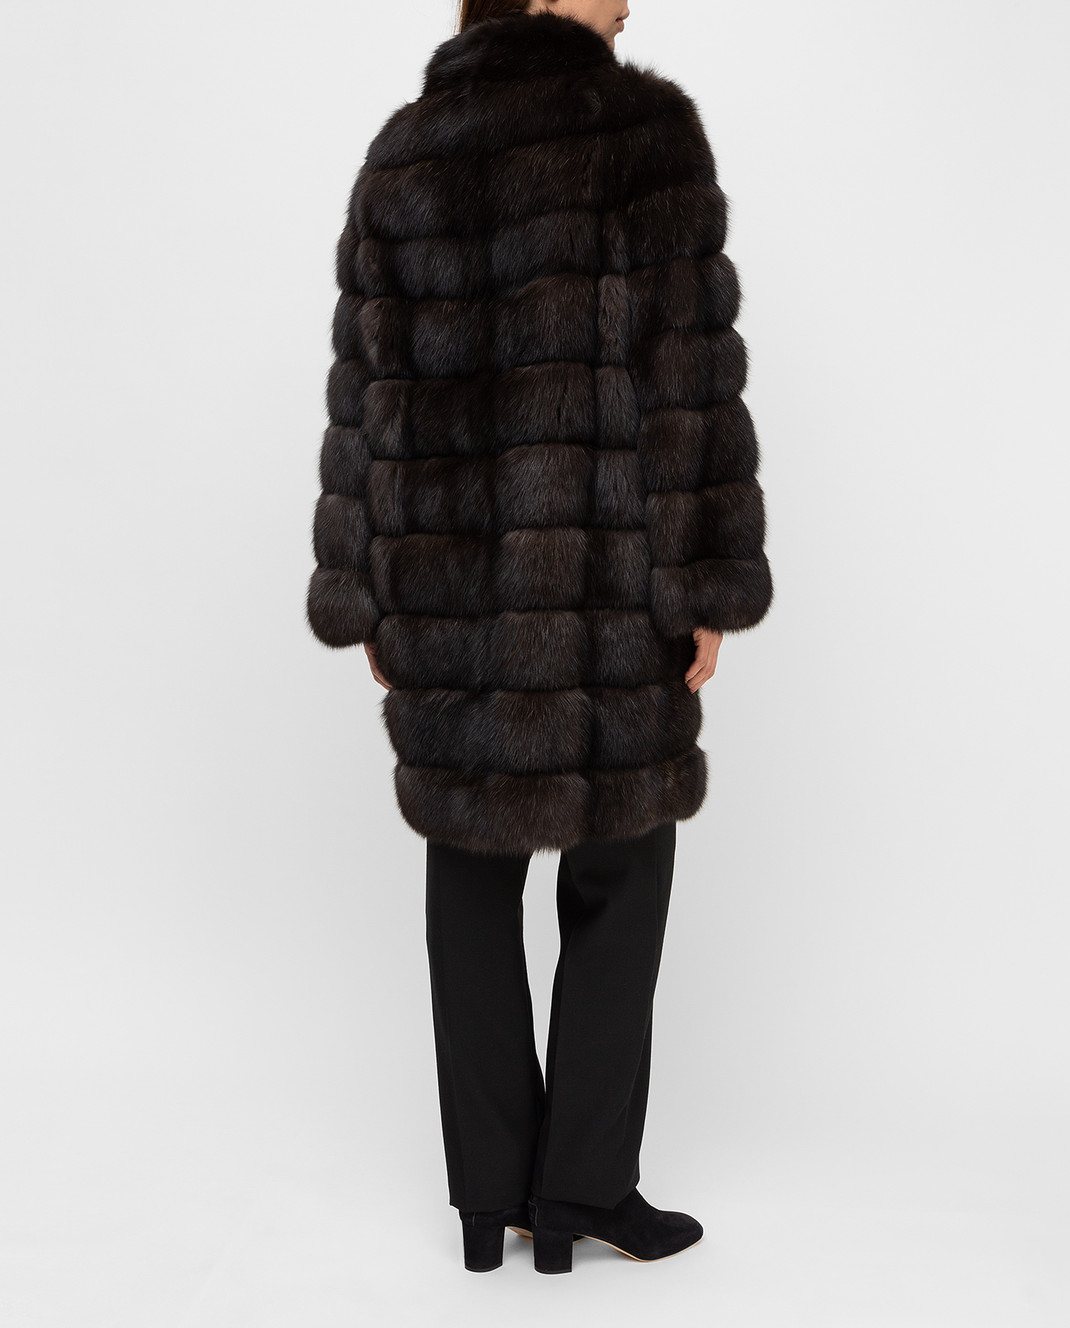 Real Furs House Темно-коричневая шуба из соболя SBR28622DARKSILV290 изображение 4